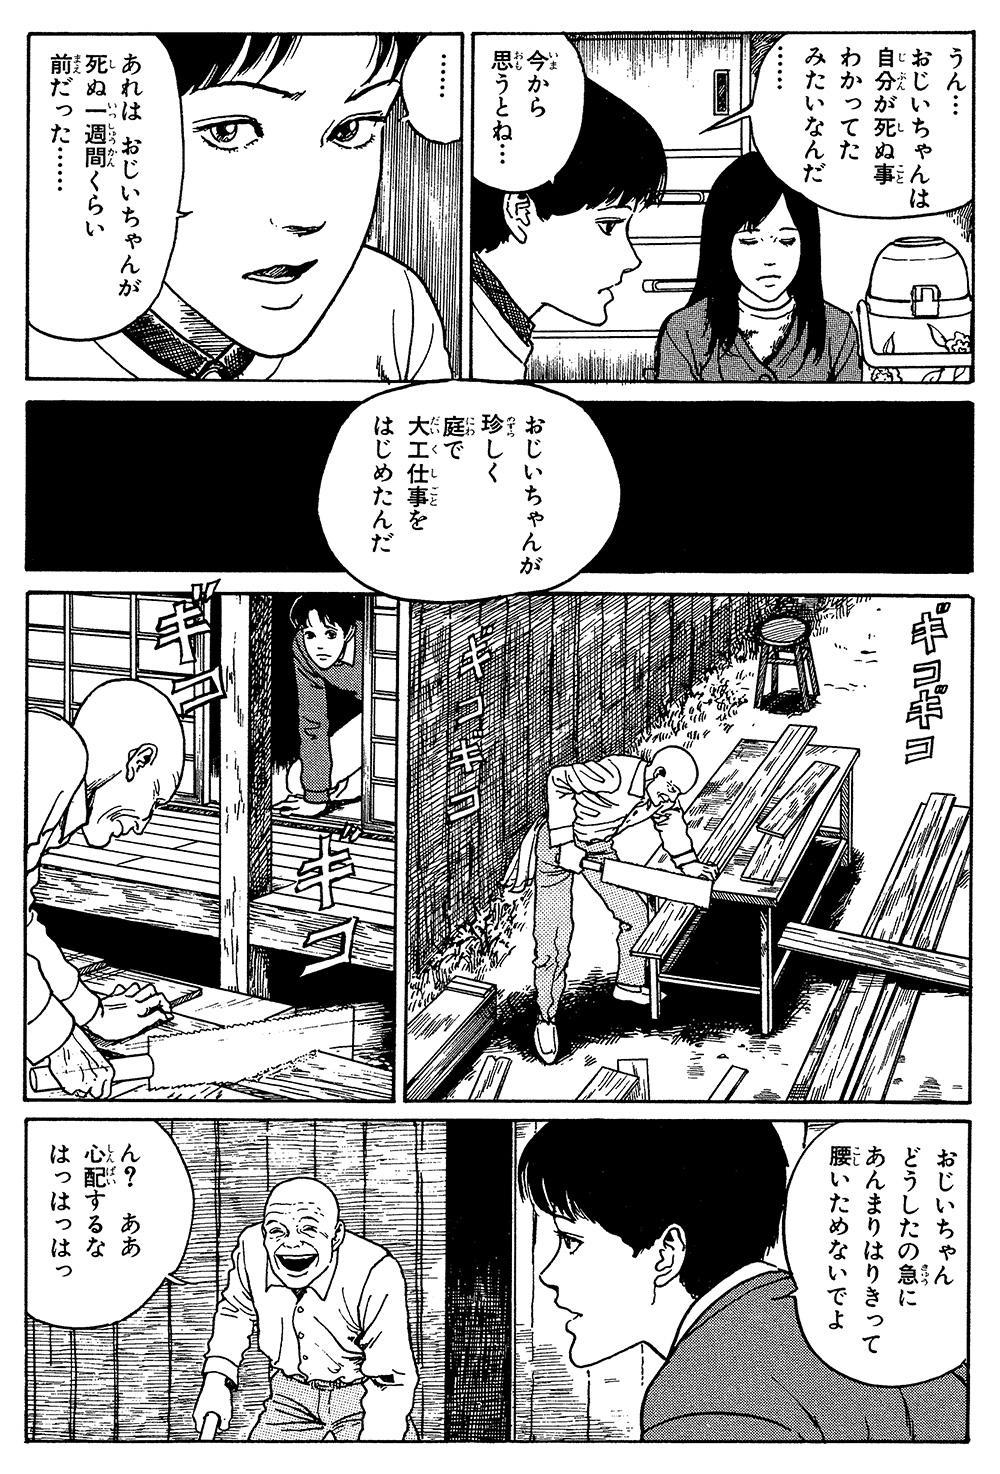 伊藤潤二傑作集「棺桶」①kanoke01-06.jpg